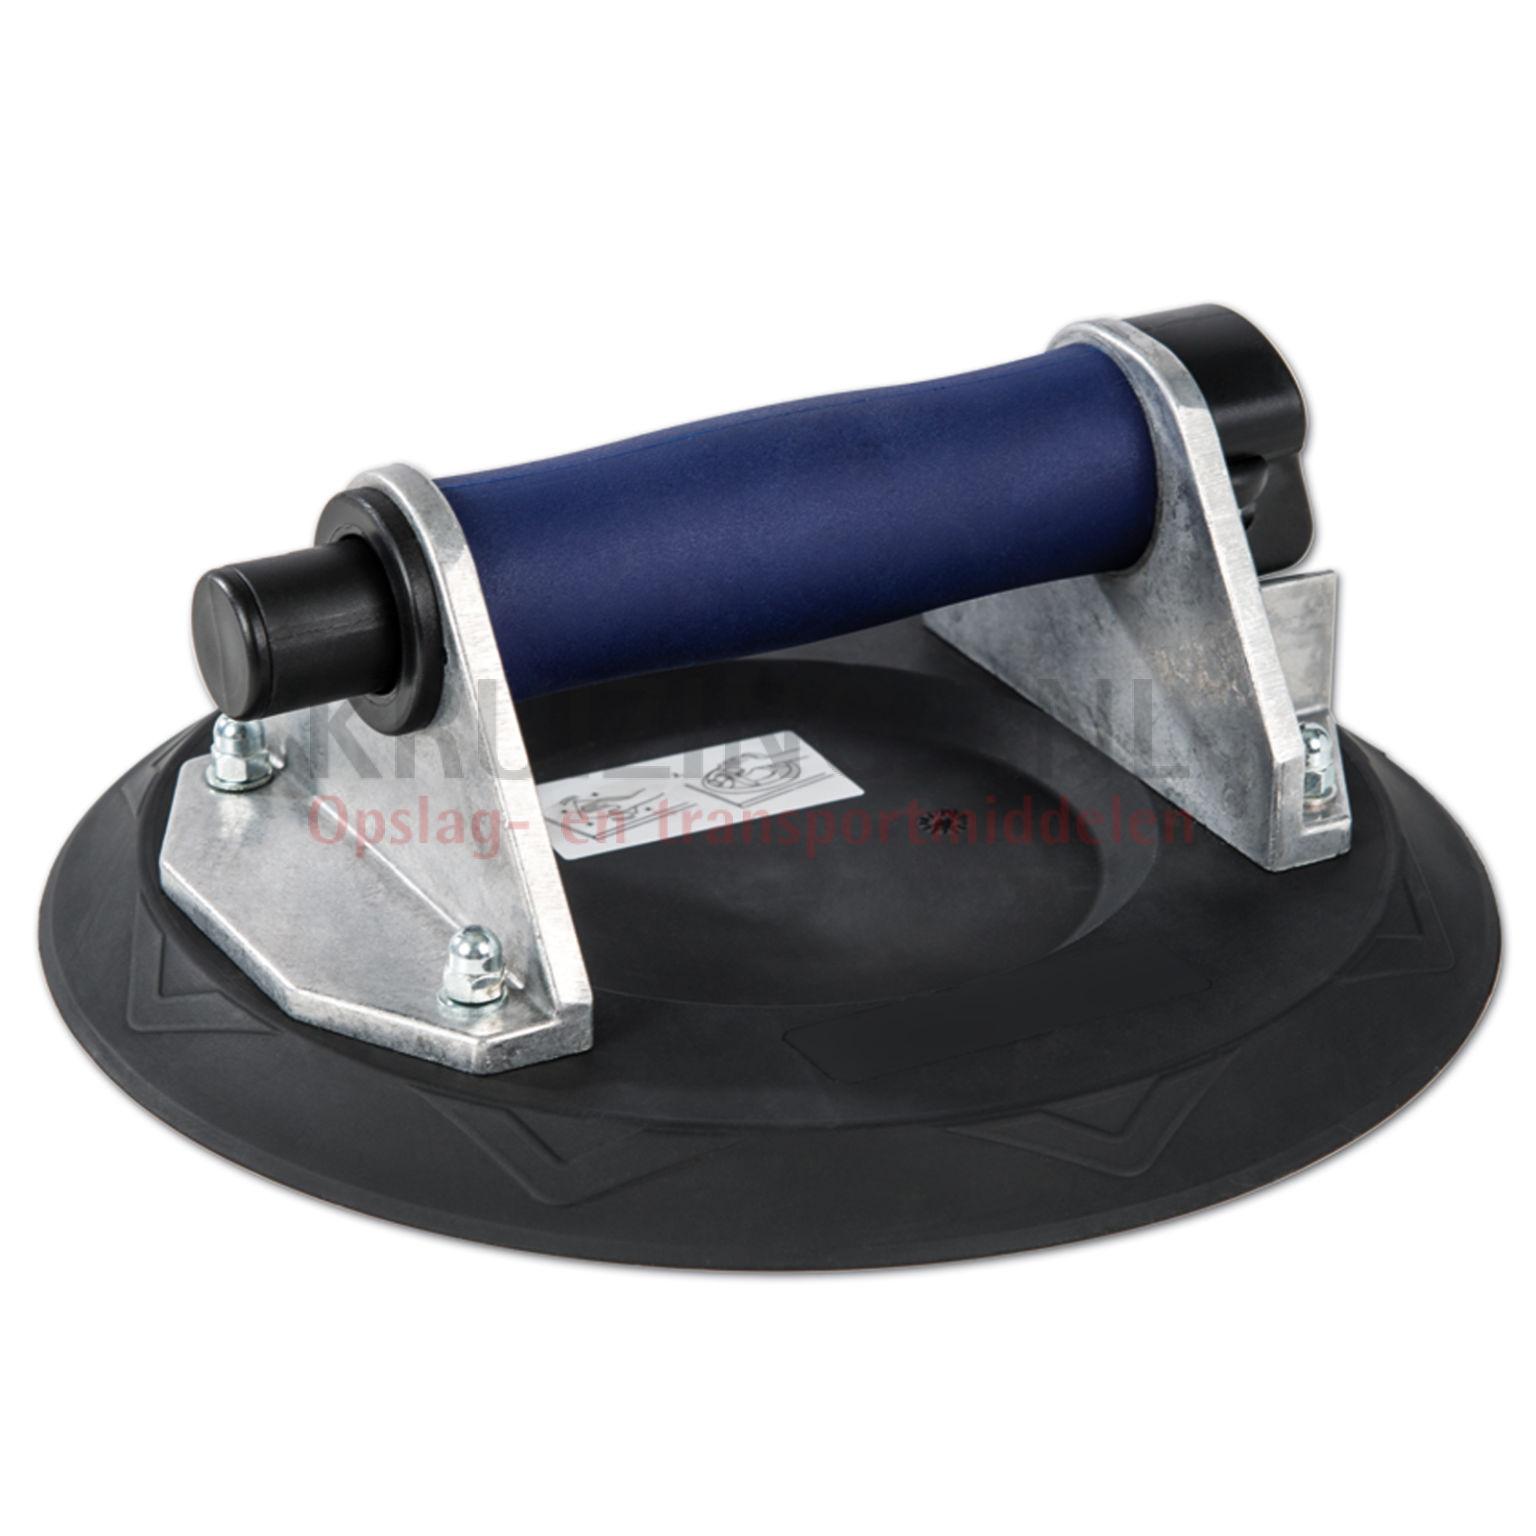 Accessoires de s curit ventouse avec une pompe vide for Accessoire ventouse